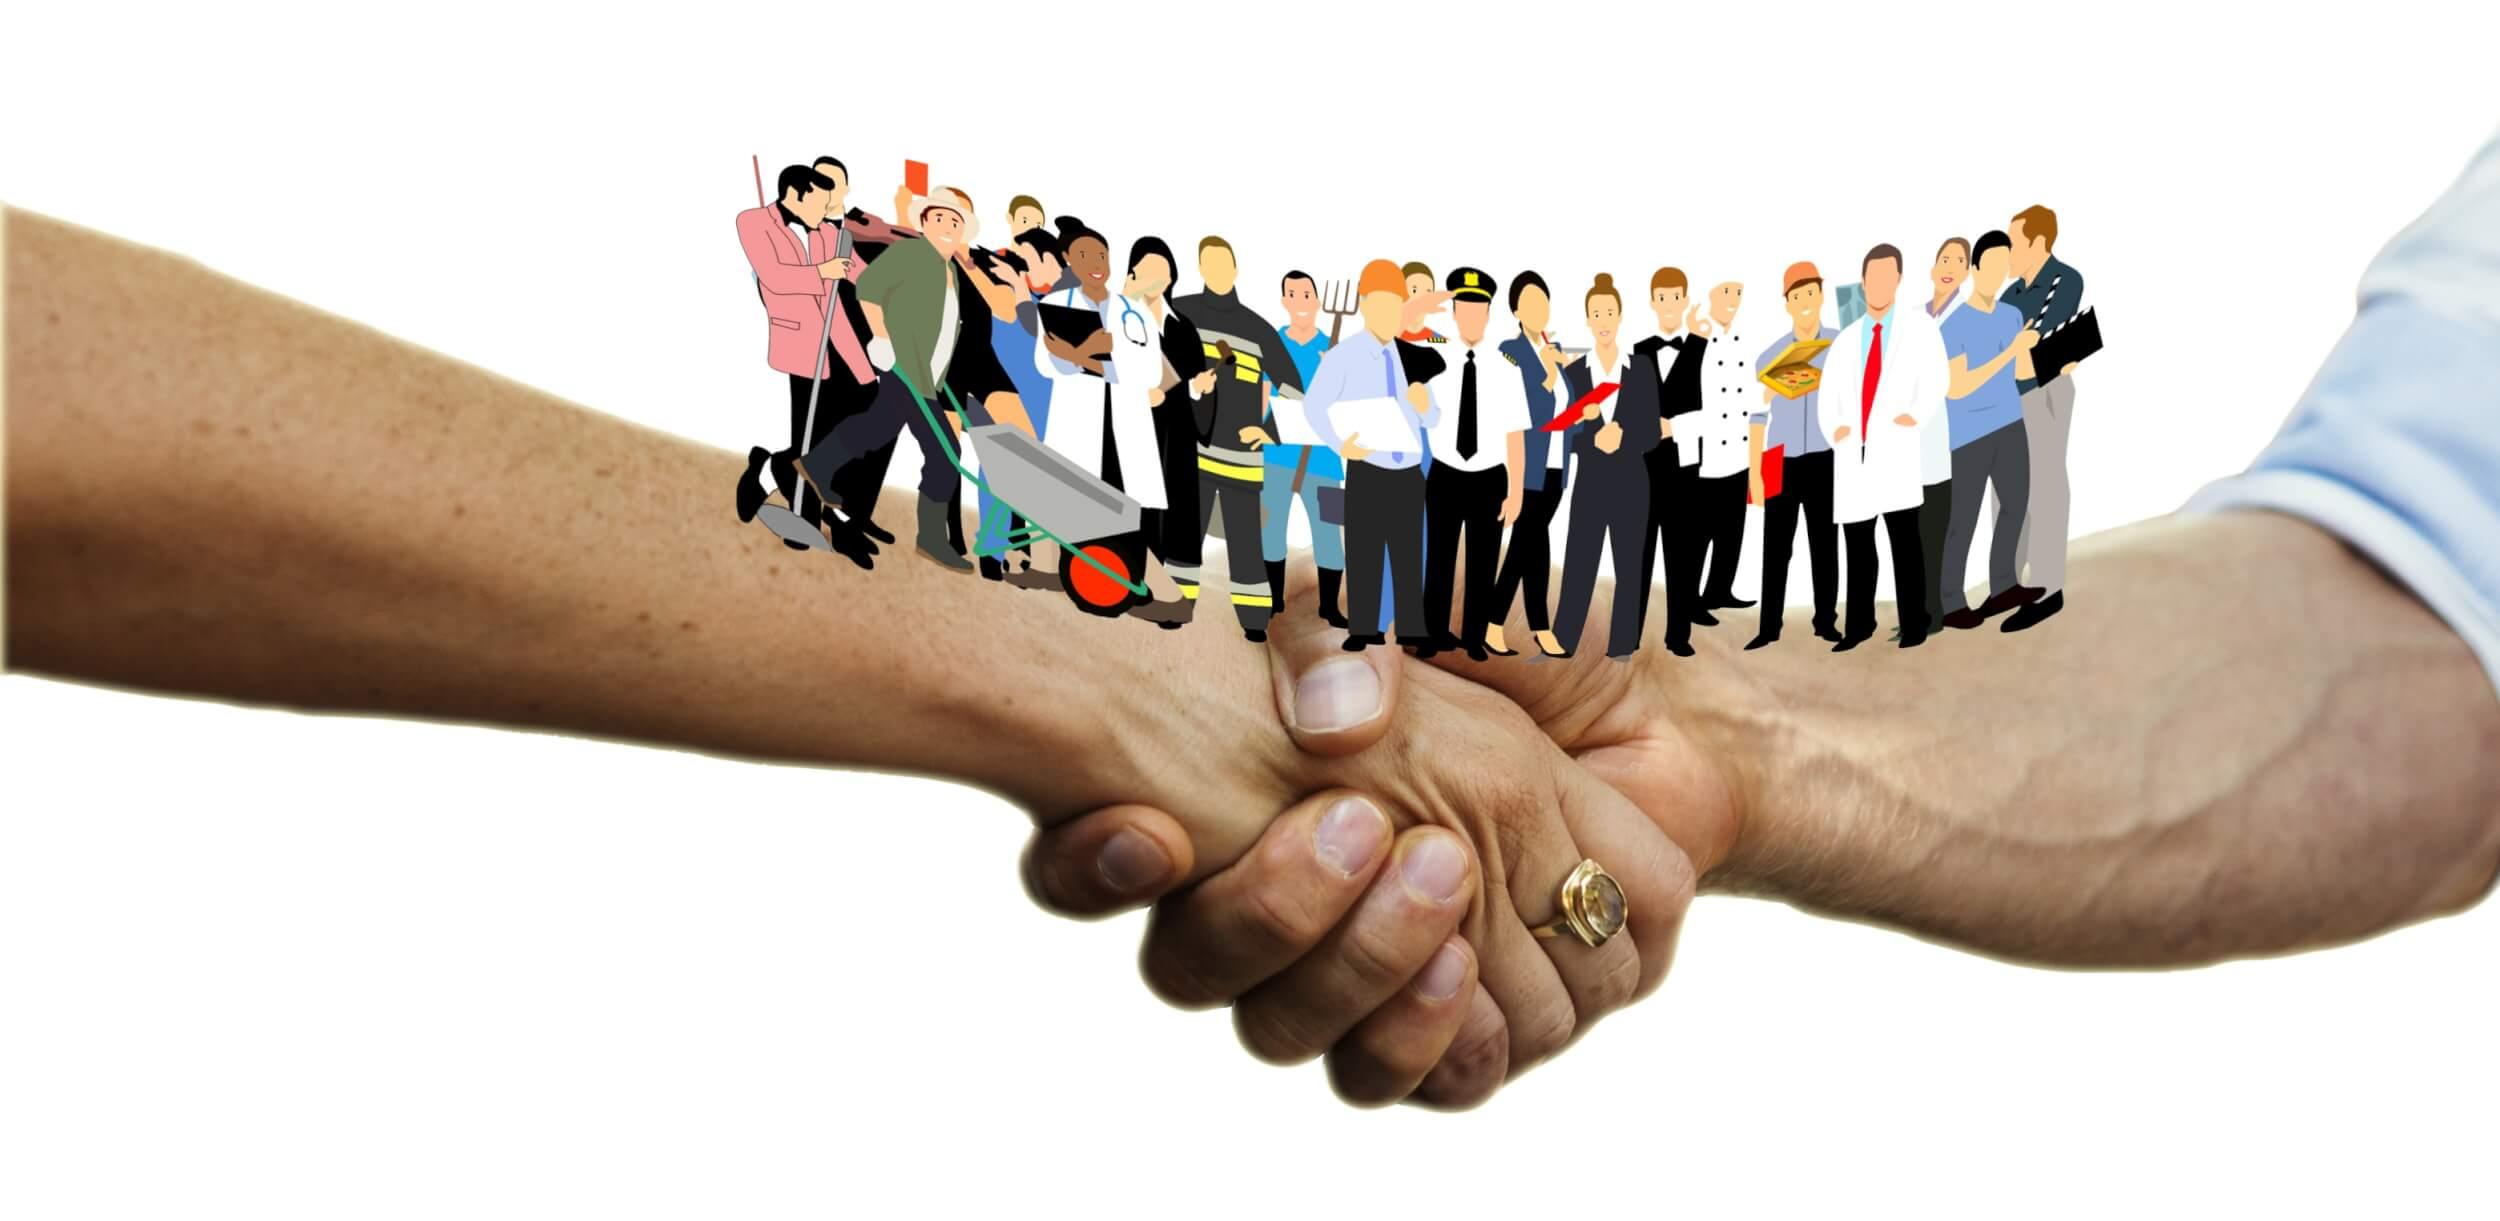 Top-Arbeitgeber (c) geralt / pixabay.de